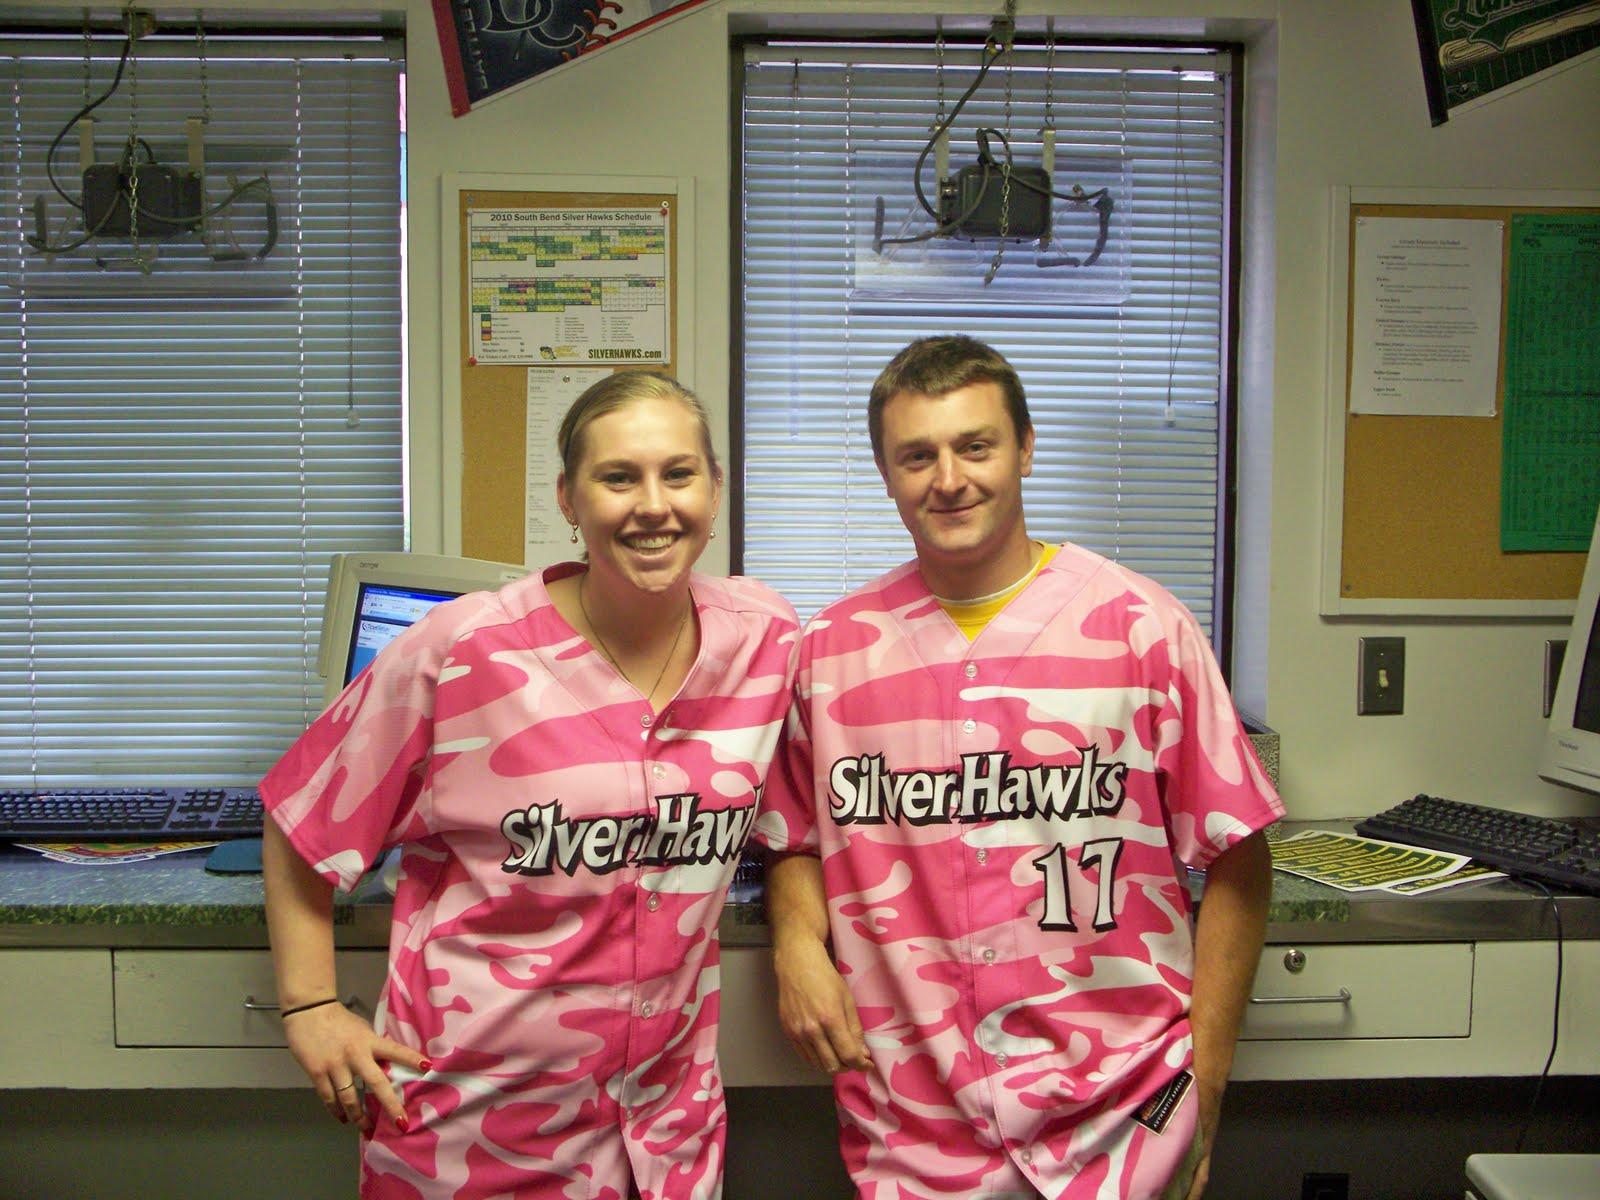 http://3.bp.blogspot.com/_NcBaQM1i7do/S-RQamqWO1I/AAAAAAAAAoU/7VYTuRzvFJY/s1600/Pink+Camo+Jerseys.jpg